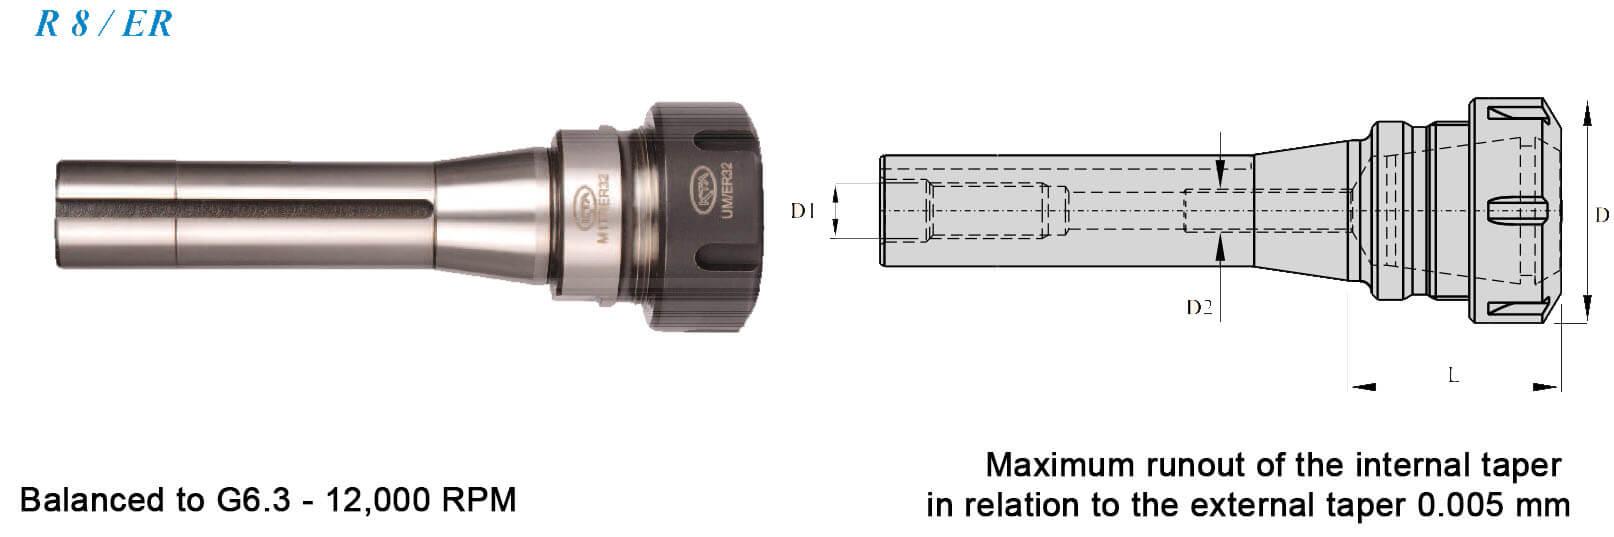 R8 ER 32 052 R8 Shank Tool Holders